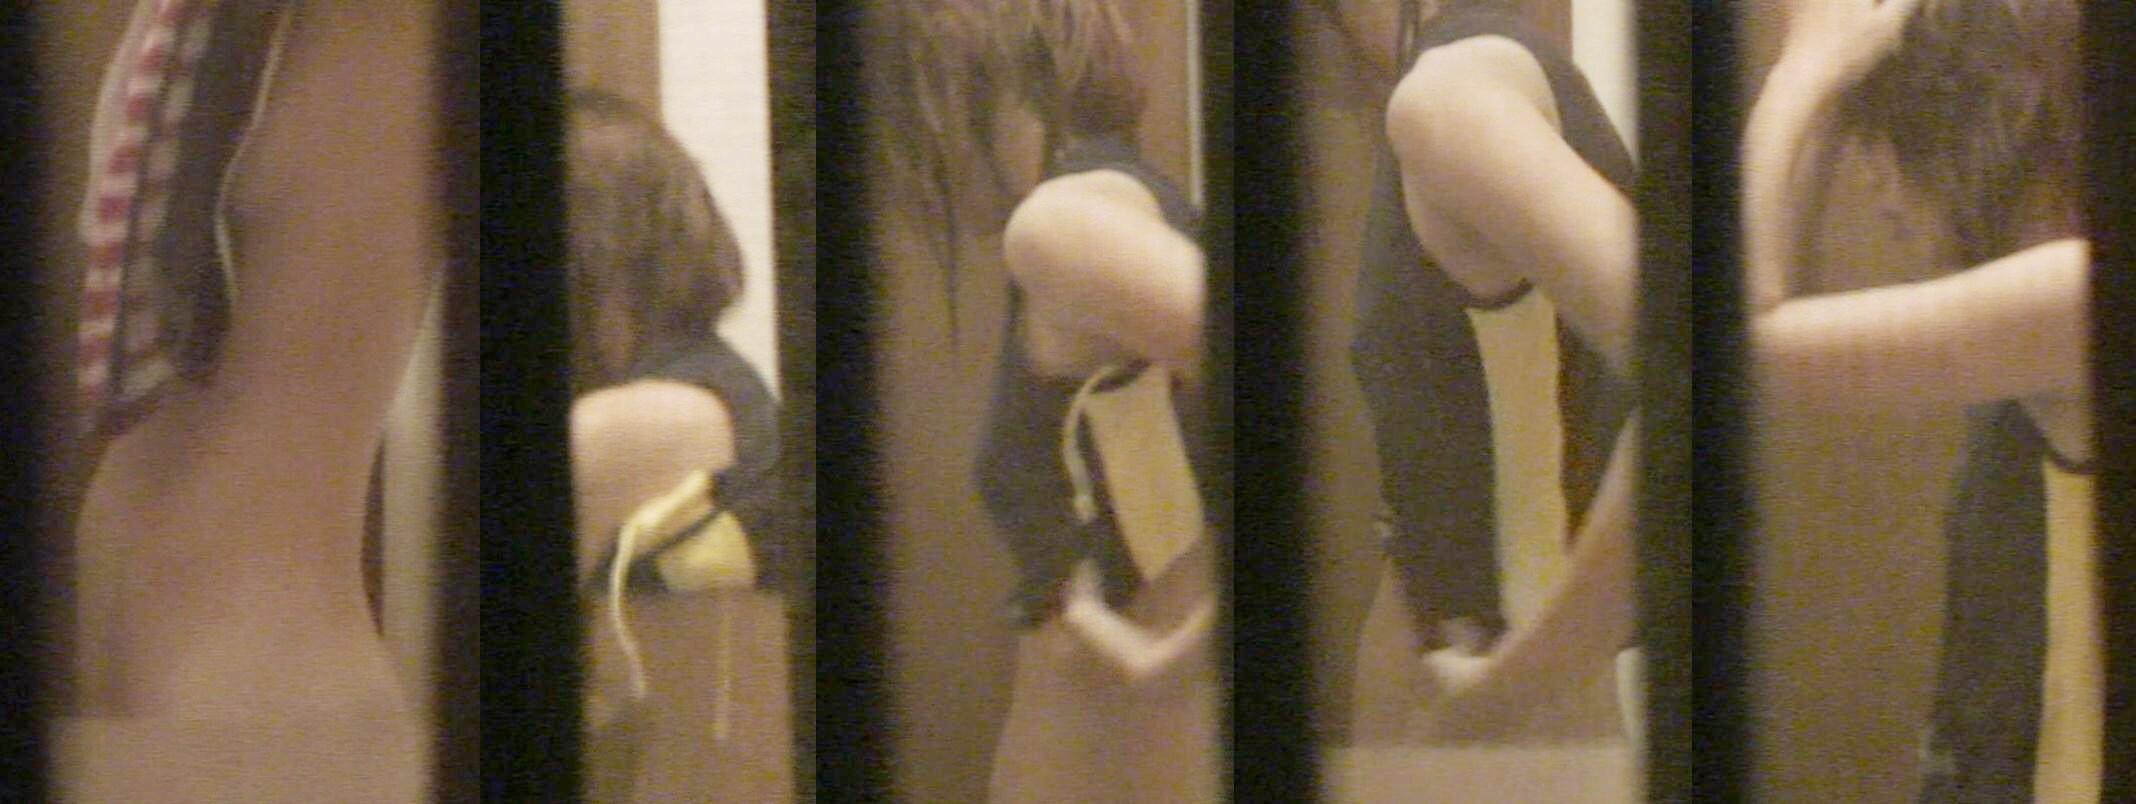 【女湯エロ画像】こんな風に体洗ってるんだ…女風呂の謎を暴いた潜入覗き撮り(;´Д`)